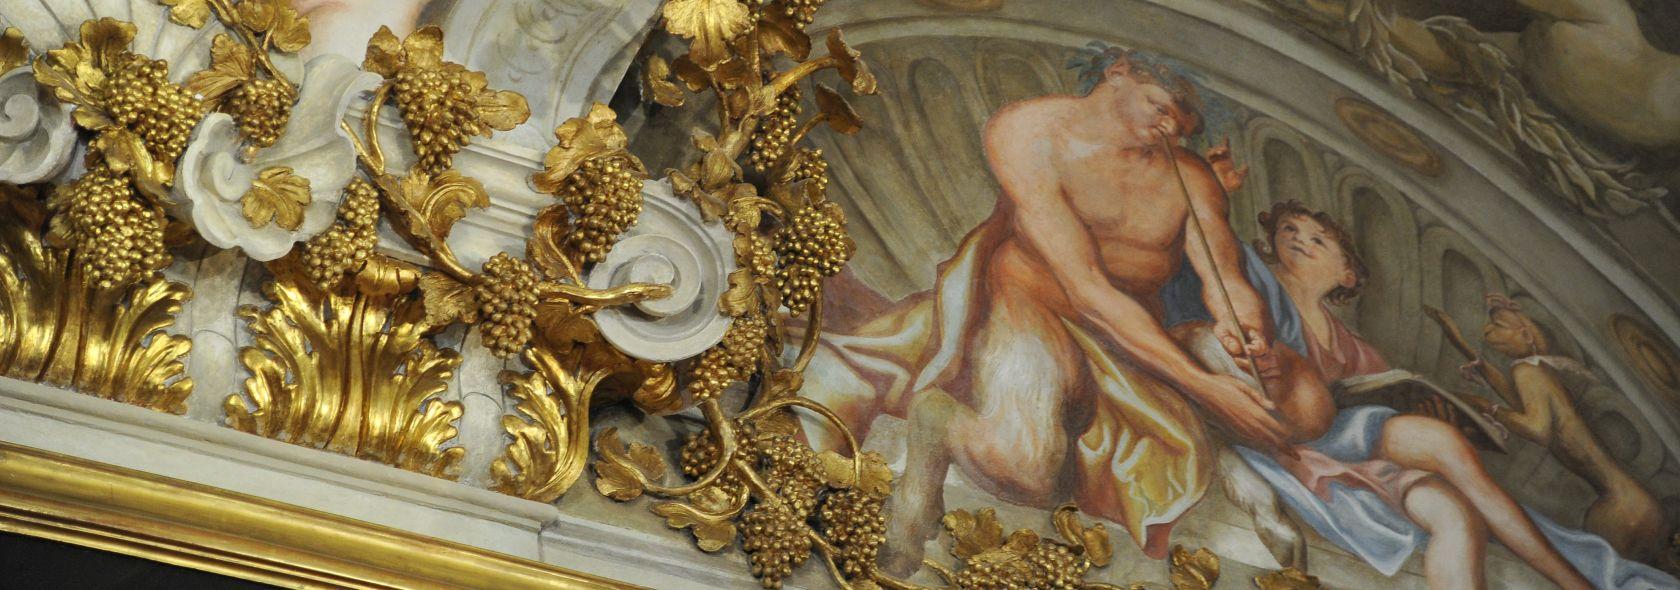 Musei di Strada Nuova - Palazzo Rosso, Sala dell'autunno - foto Studio Leoni